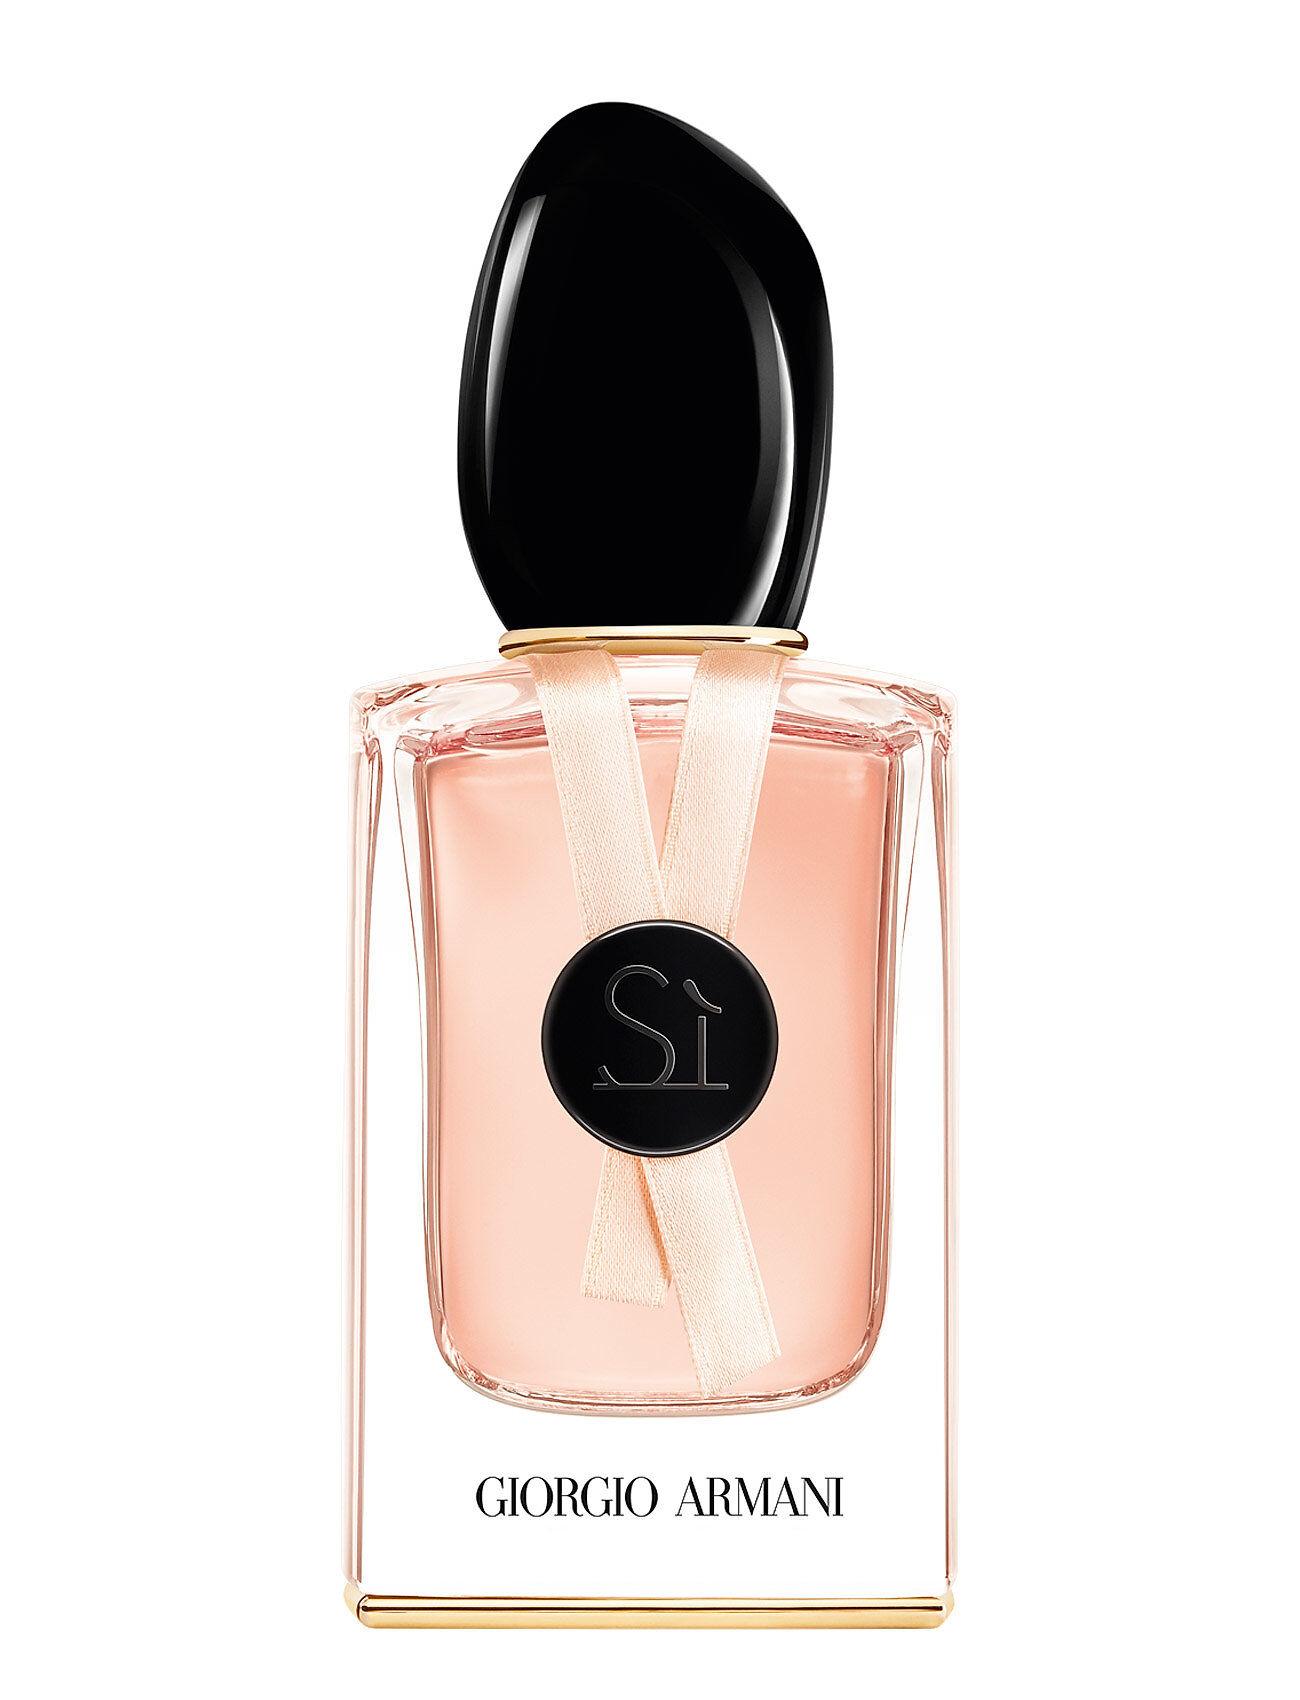 Image of Giorgio Armani Si Edp Rose Signature 50ml Hajuvesi Eau De Parfum Nude